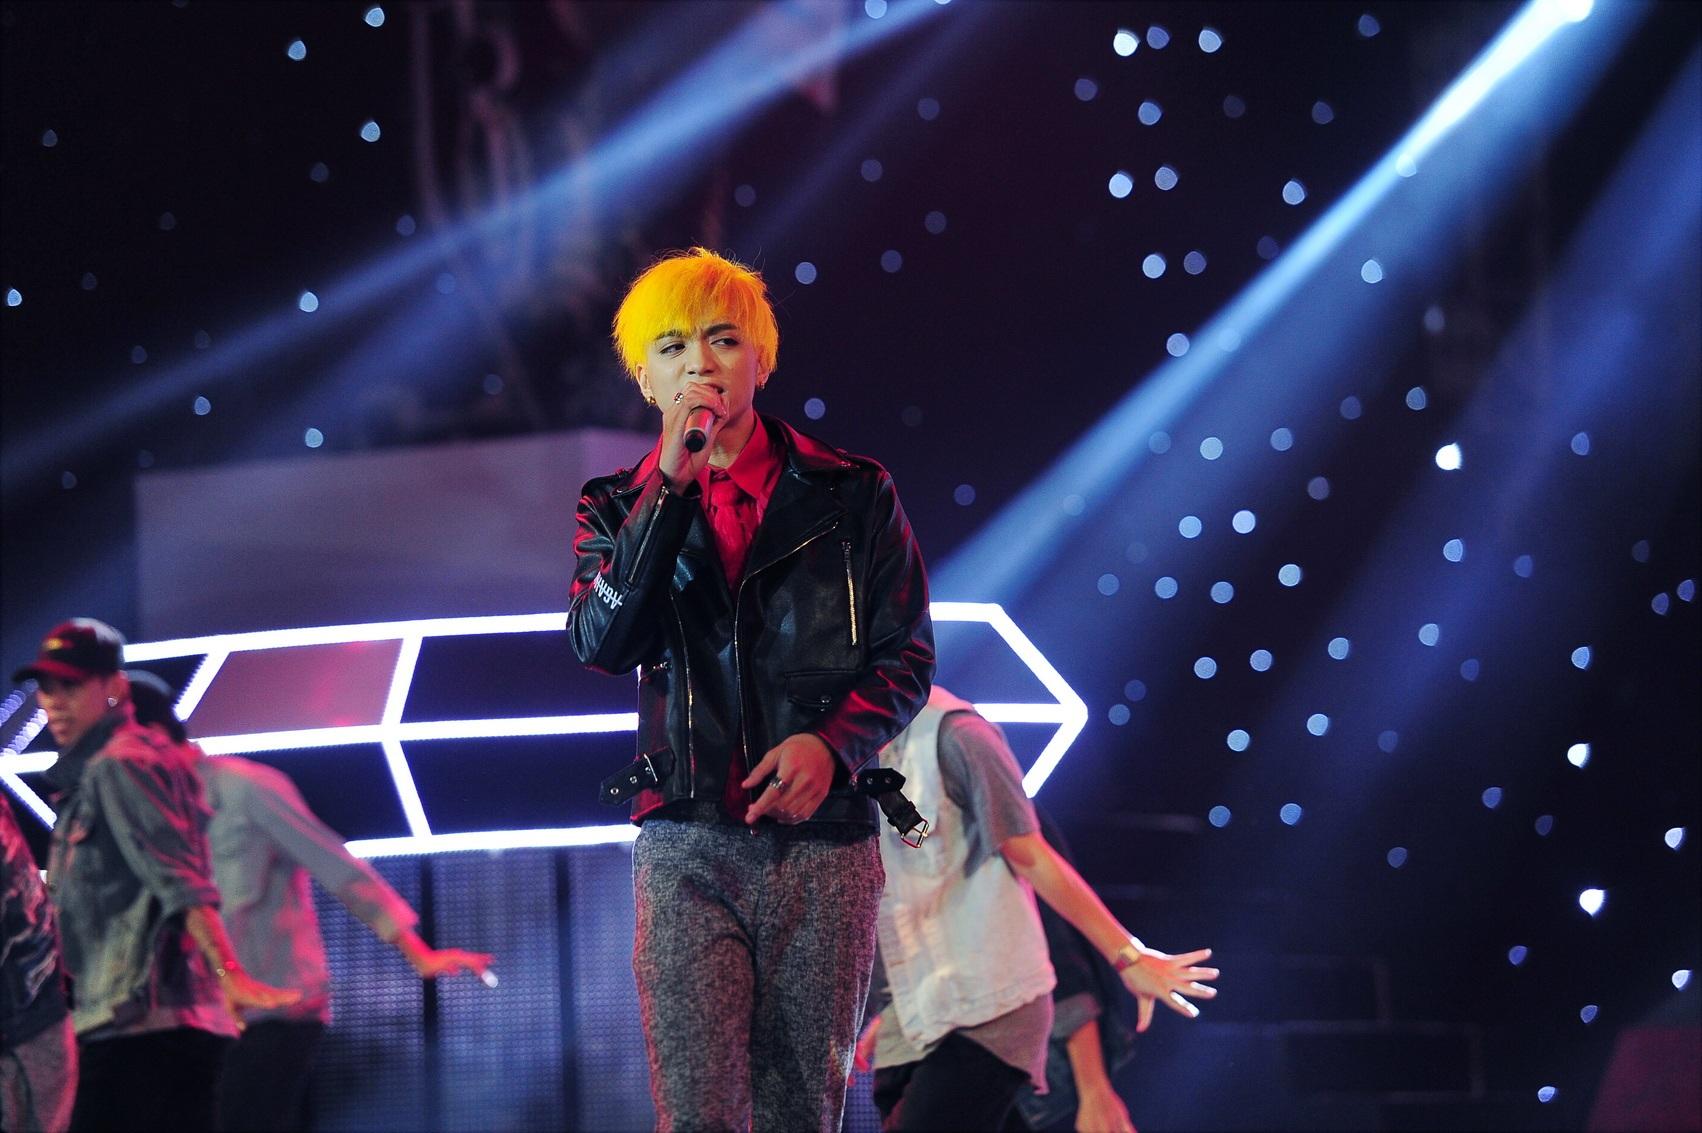 Ca sĩ Soobin Hoàng Sơn với tiết mục mở màn gây ấn tượng trong phần đọc rap và khoe vũ đạo cuốn hút khi thể hiện ca khúc Vẽ khói được phối theo thể loại Hip Hop.